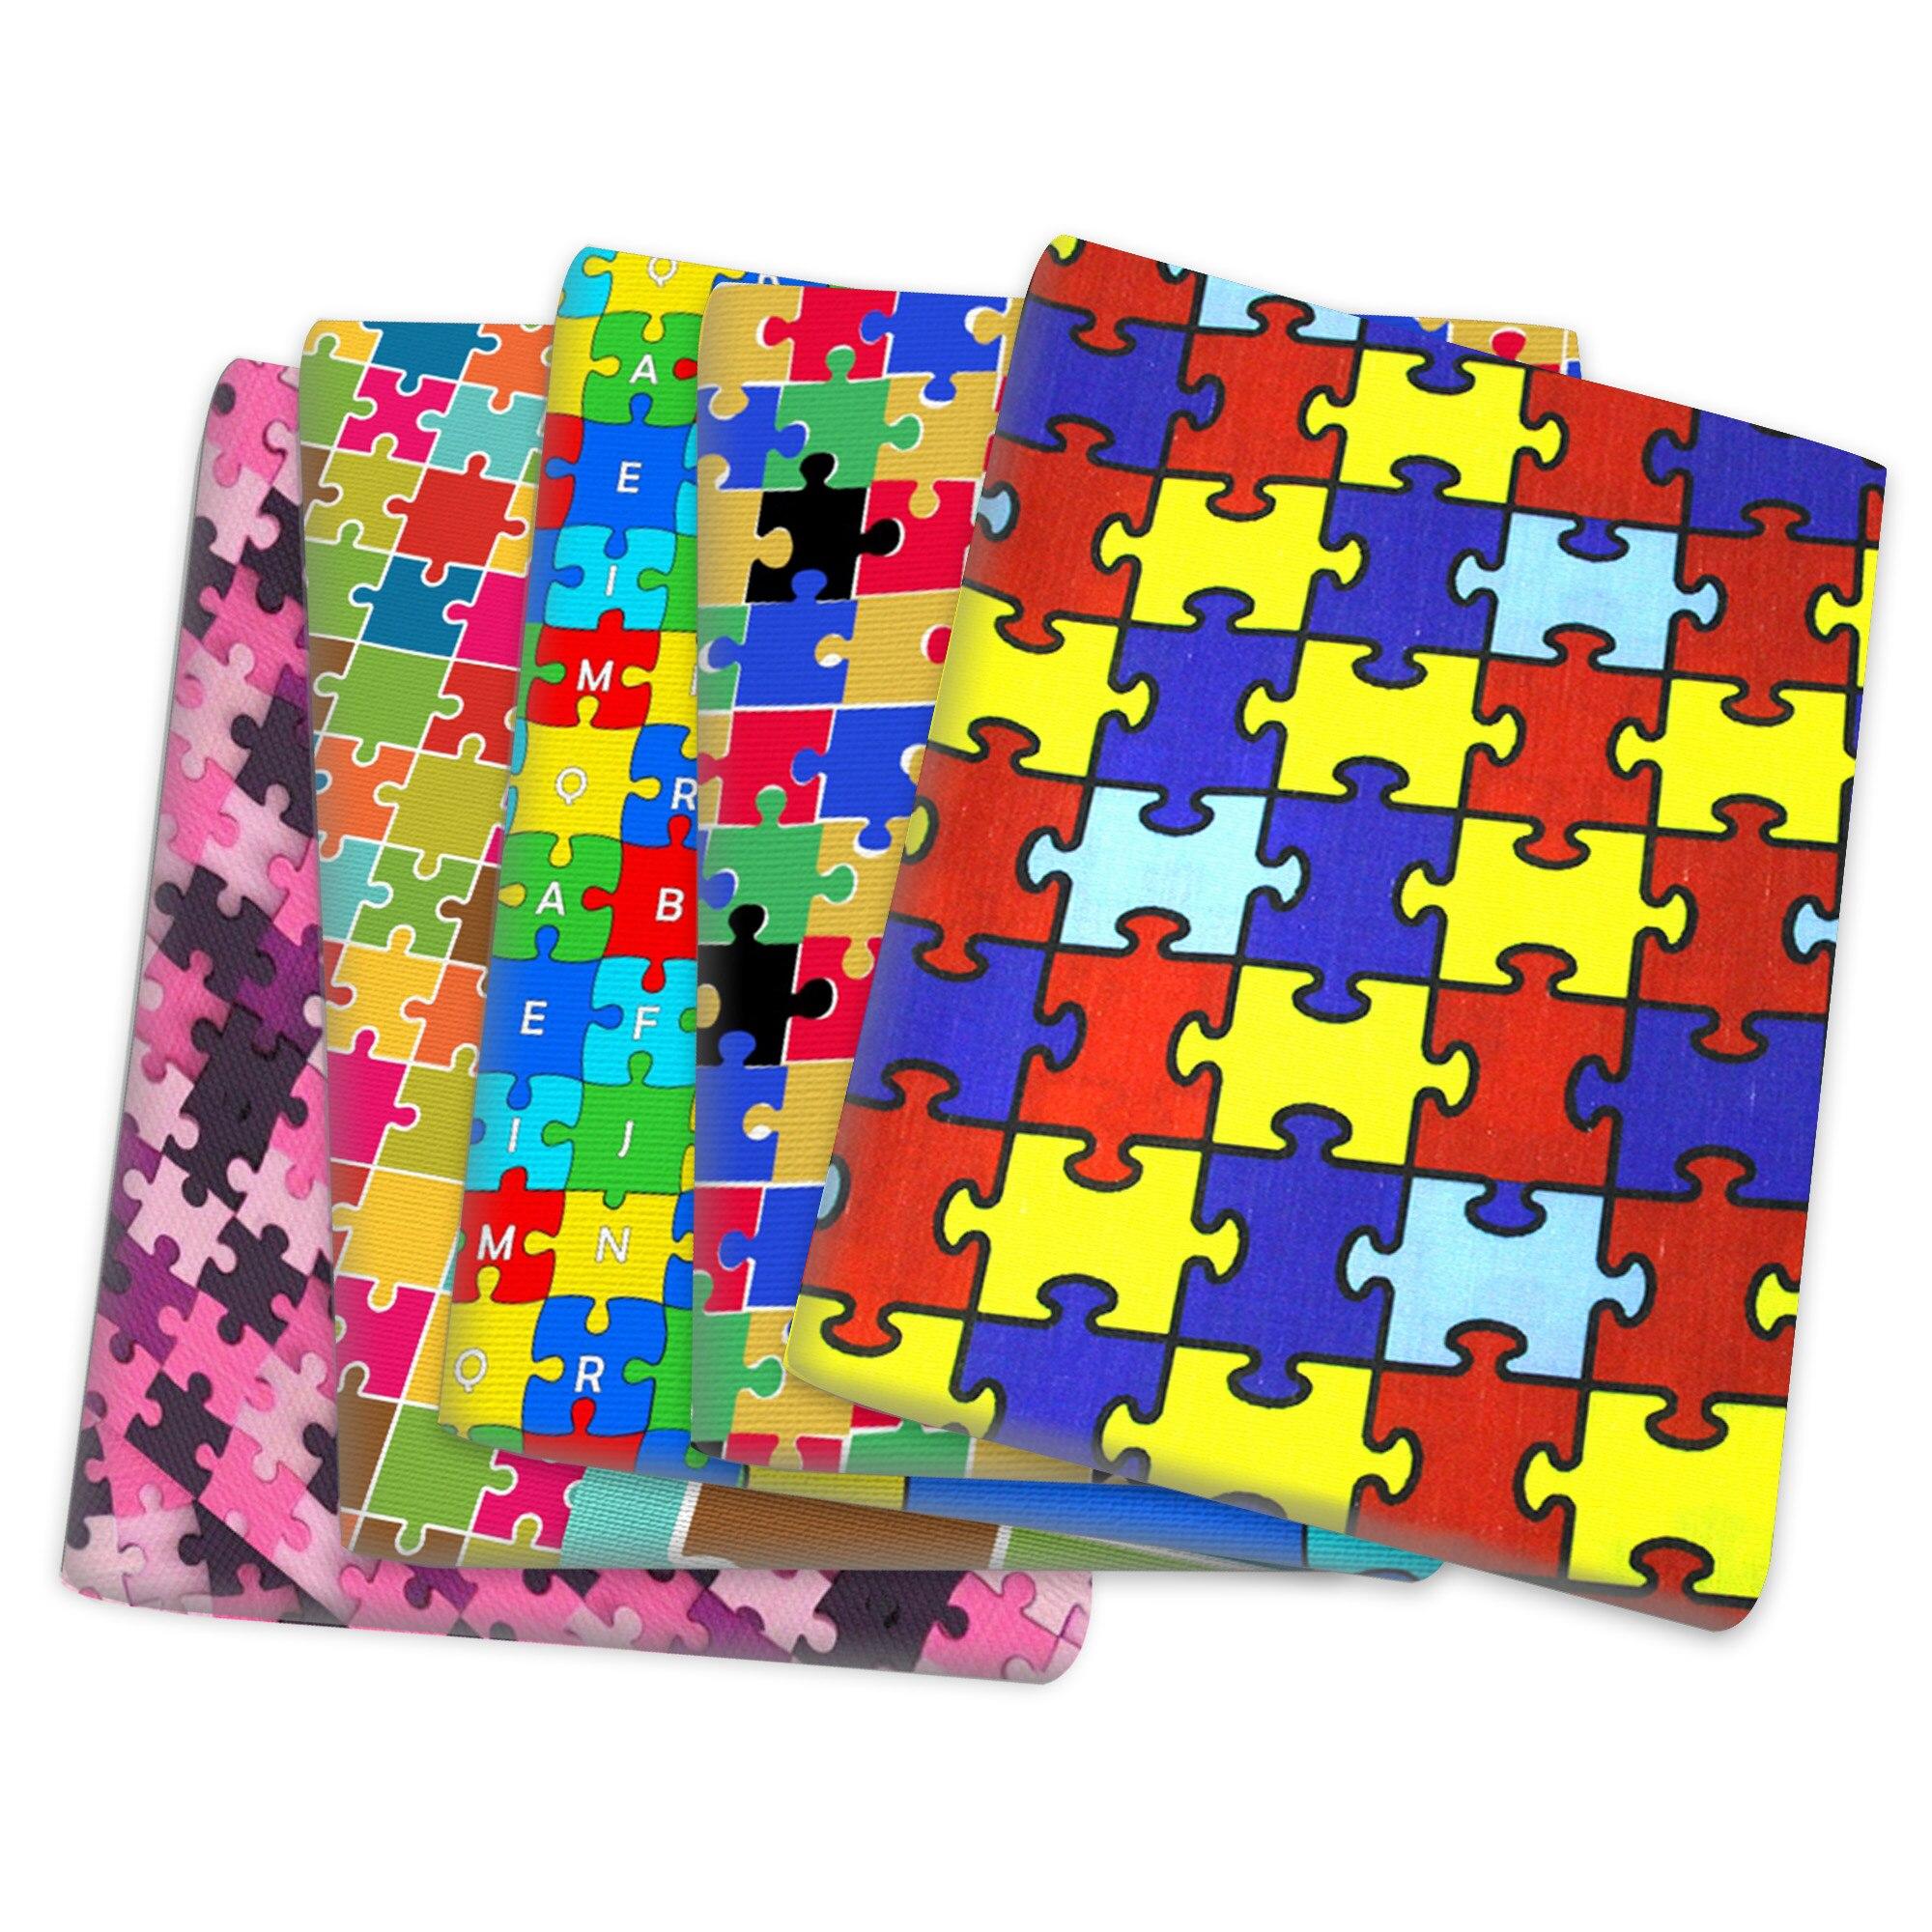 Quebra-cabeça autismo consciência poliéster algodão tecido retalhos costurar estofando bordado material diy feito à mão pano, 1yc14080